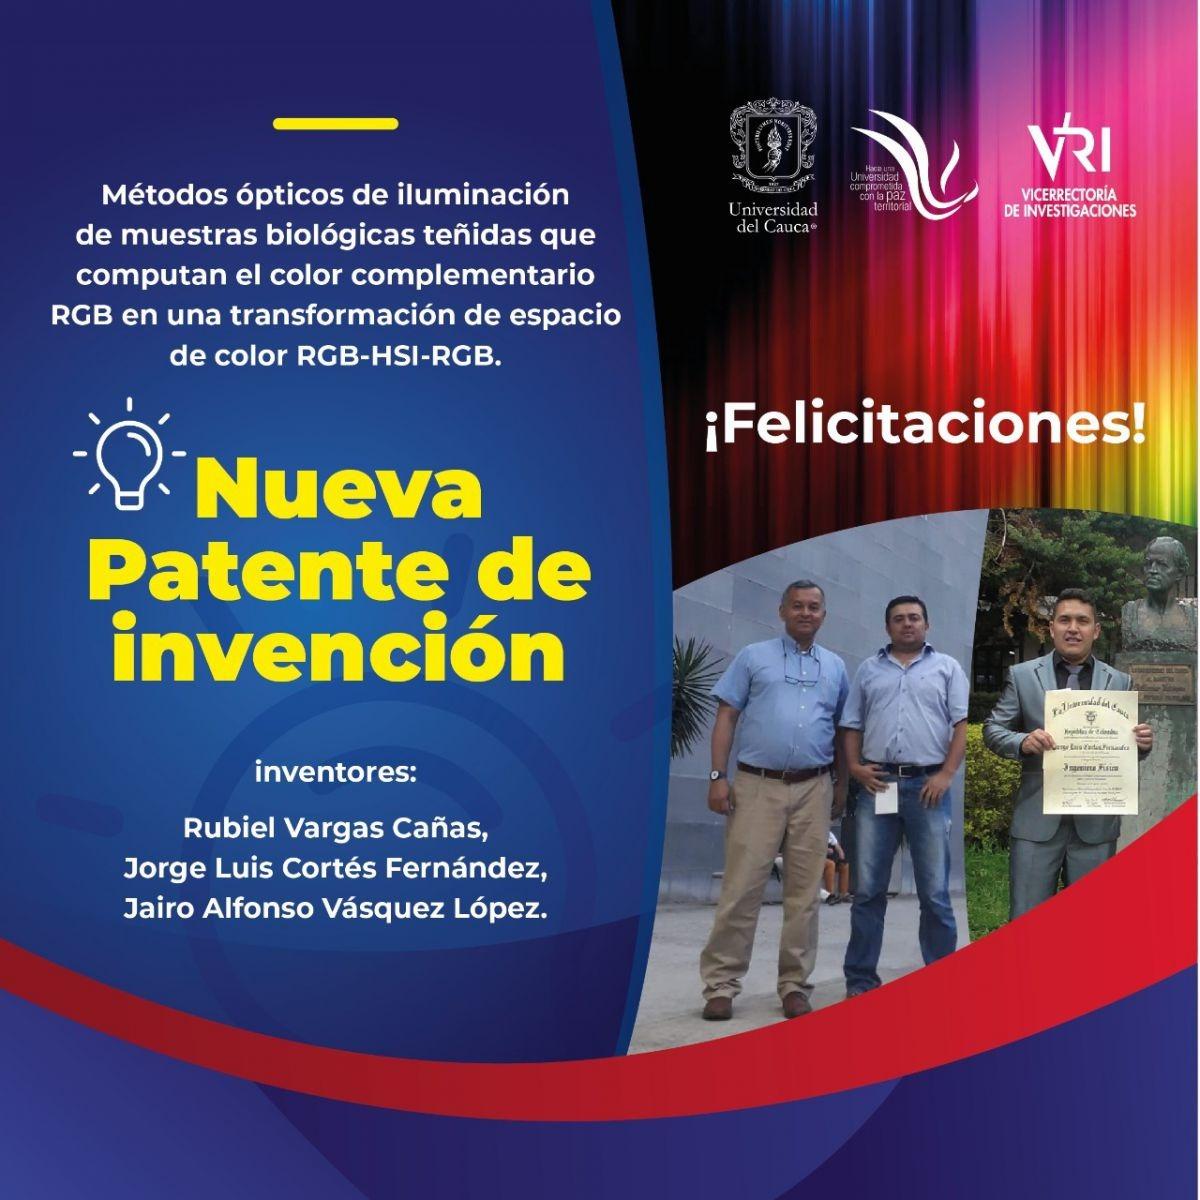 Unicauca obtiene patente de invención por nuevo método de iluminación inteligente